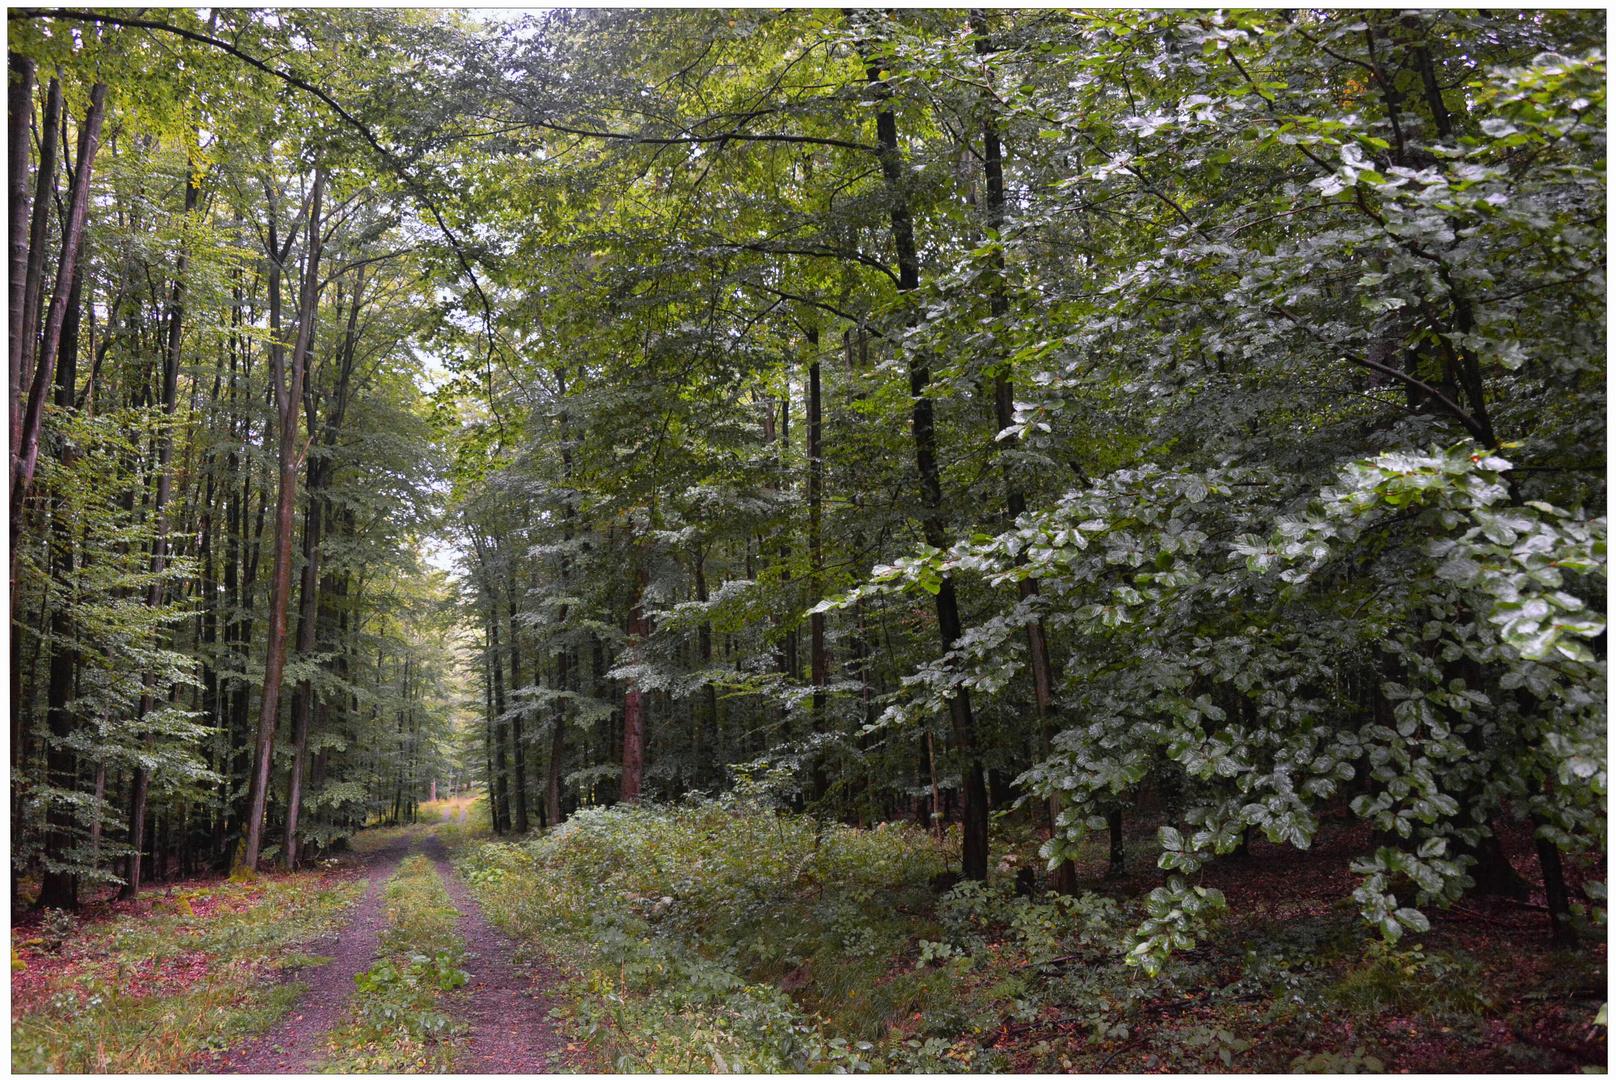 Lluvia en el bosque II, camino por el bosque (Regen im Wald II)